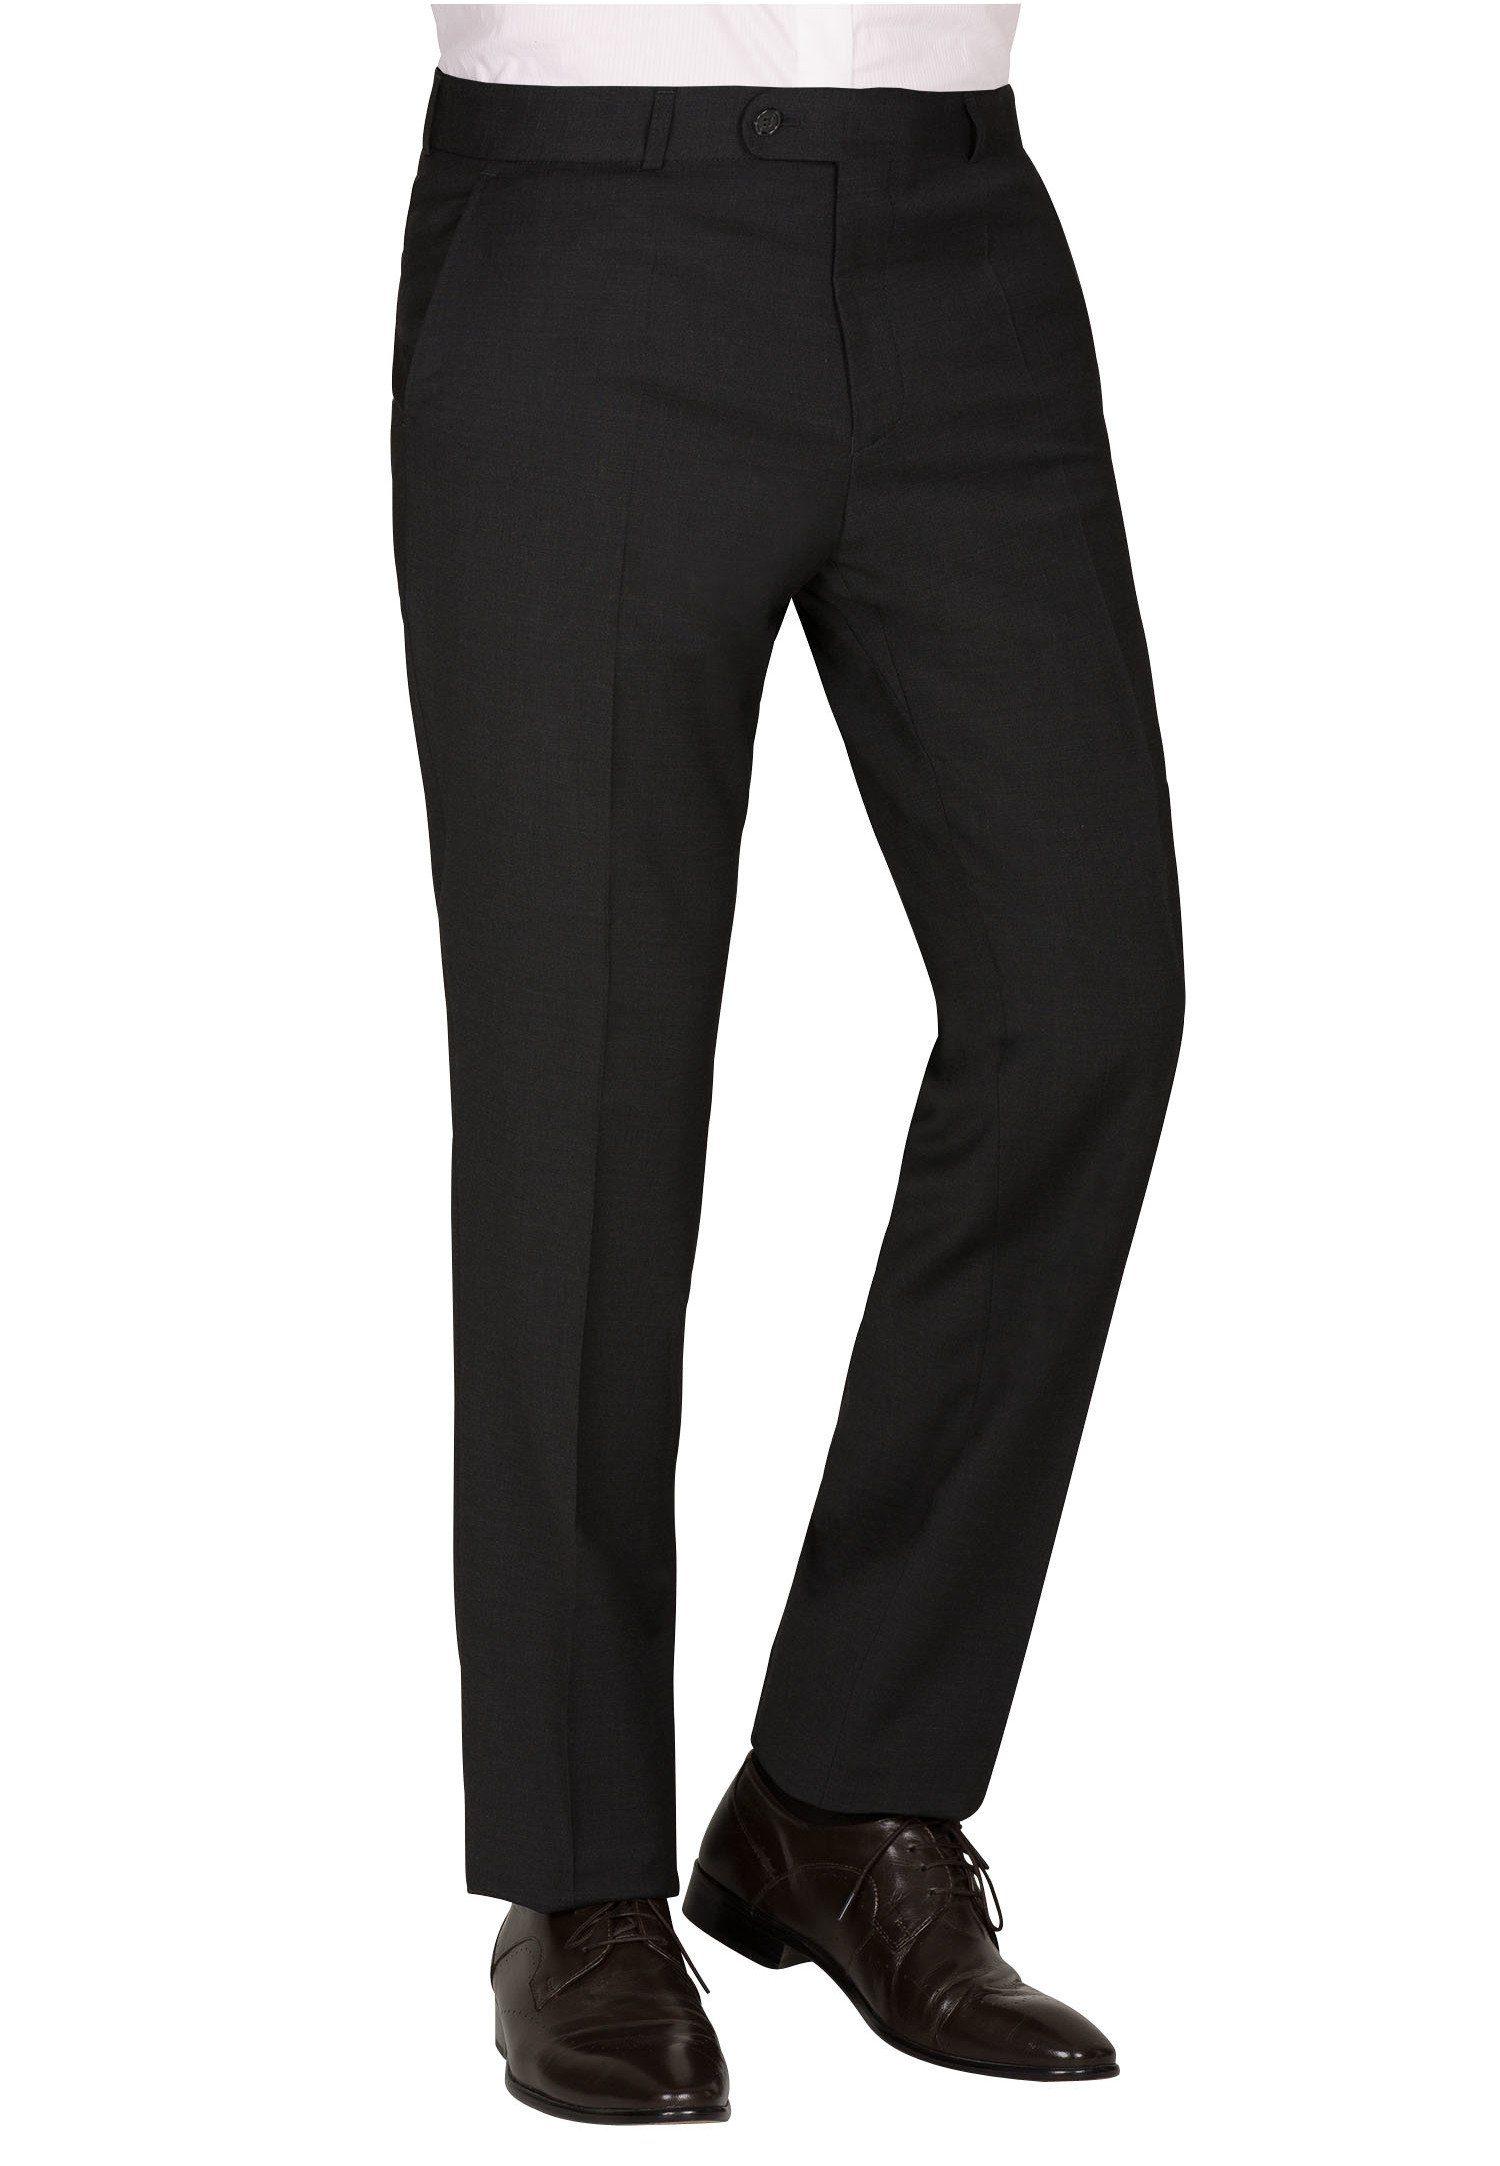 CARL GROSS Anzughose »CG TR-Sascha_A«   Bekleidung > Hosen > Anzughosen   Grau   Baumwolle   CARL GROSS